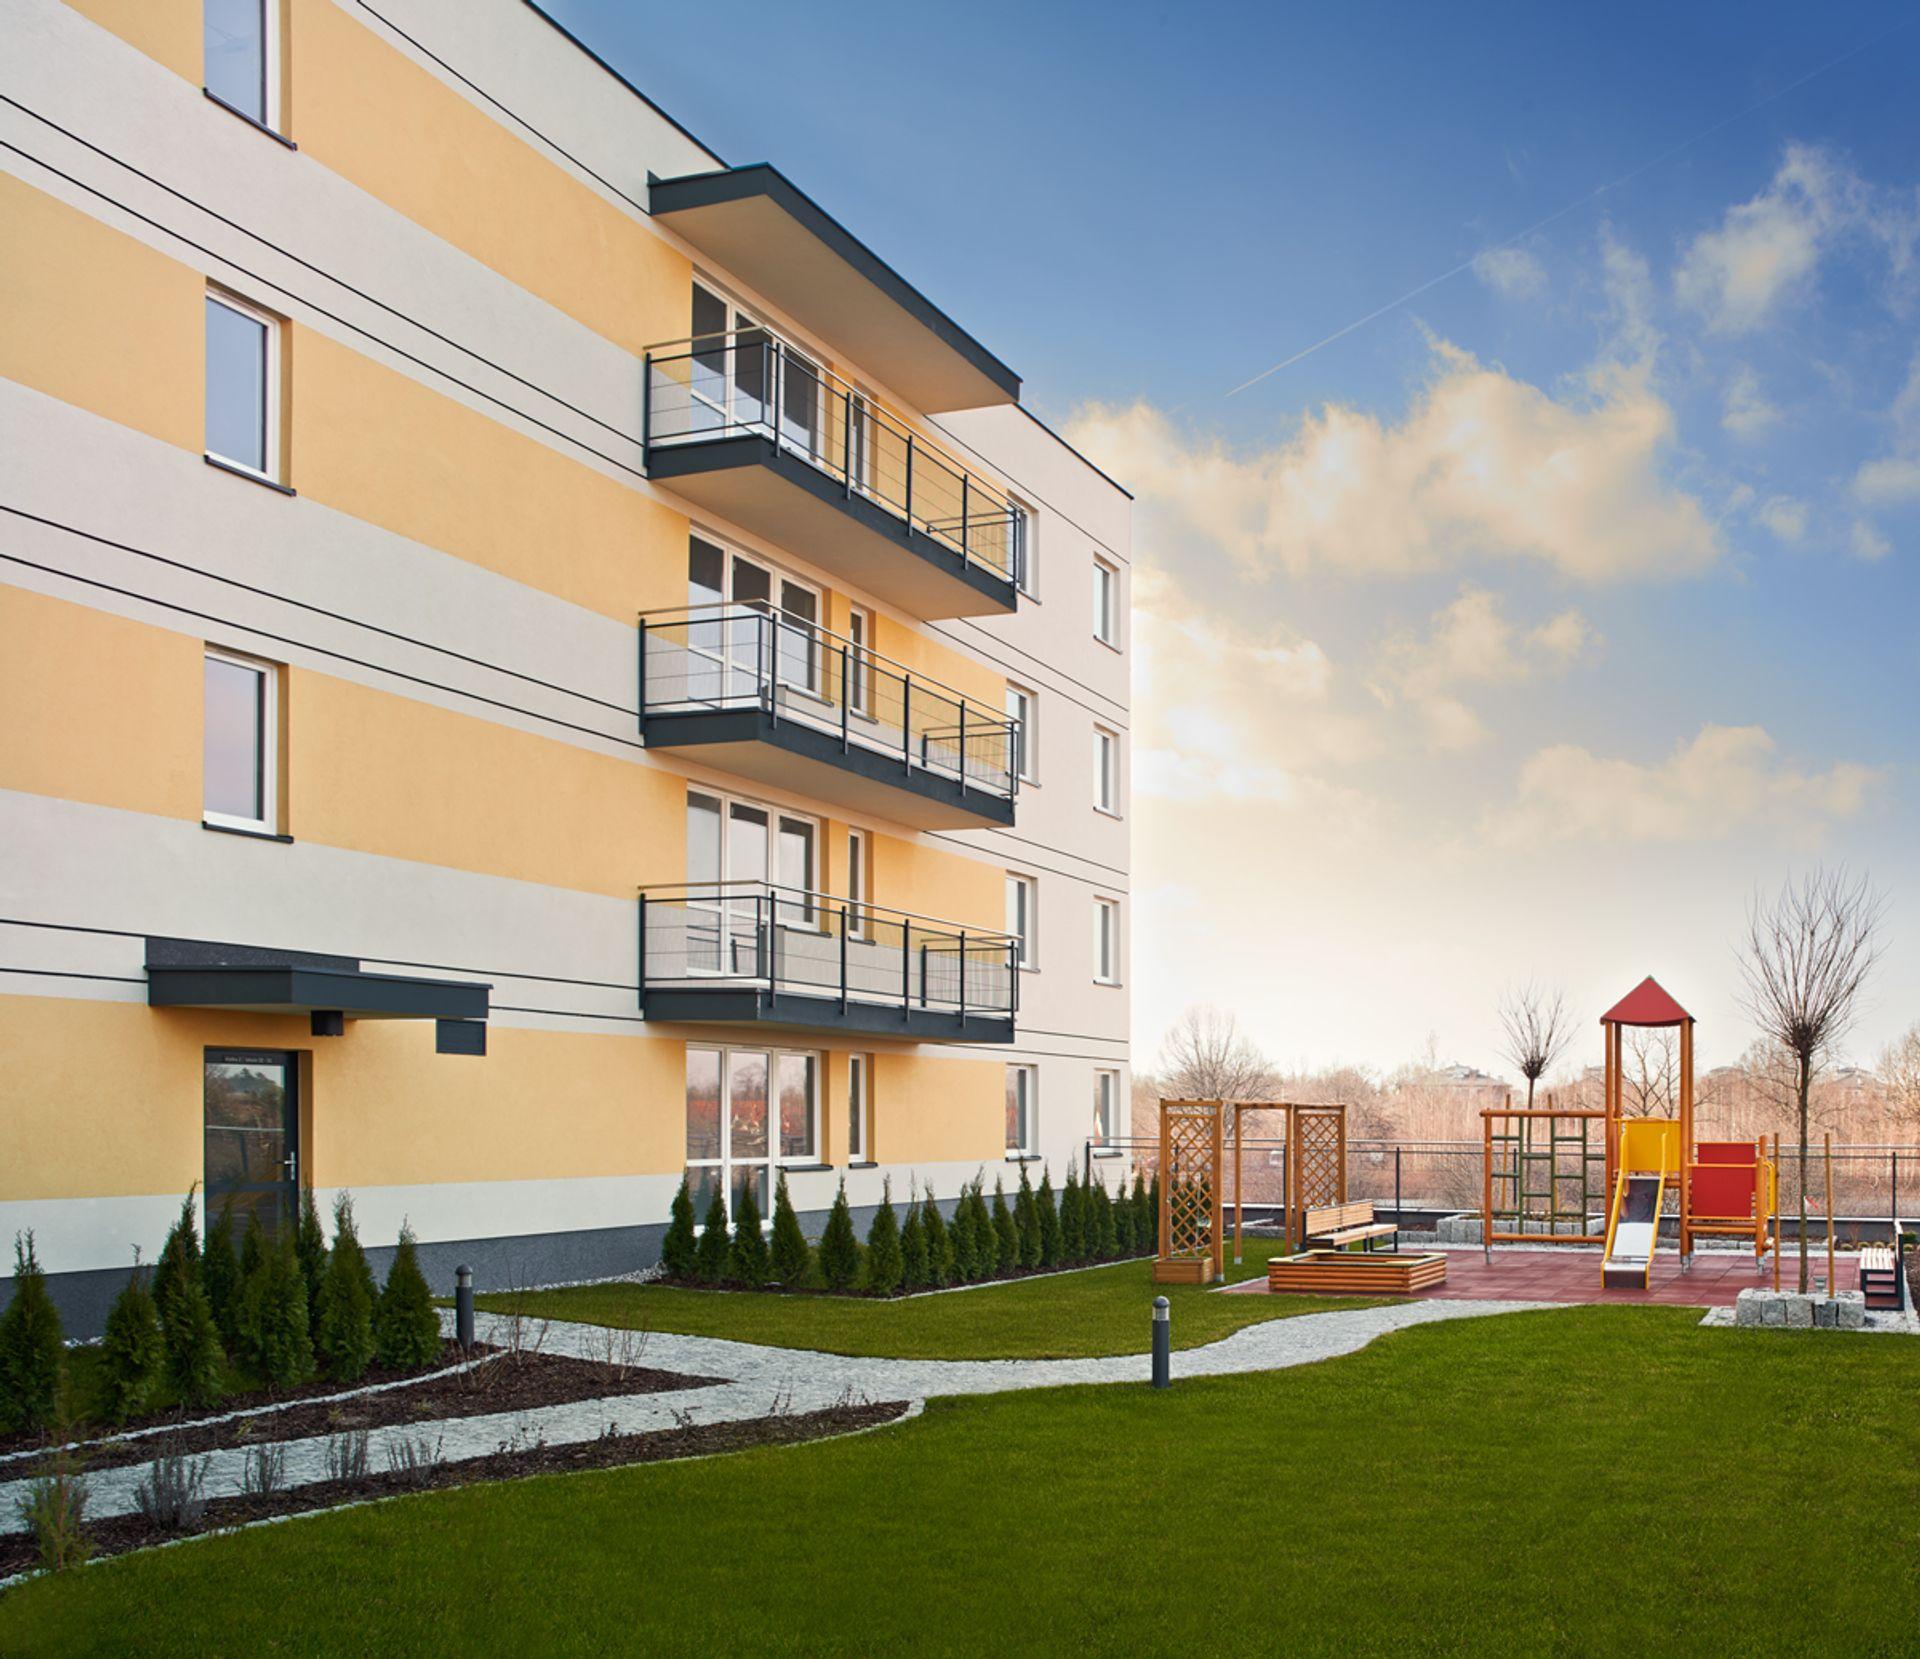 [Polska] Będą większe dopłaty do mieszkań